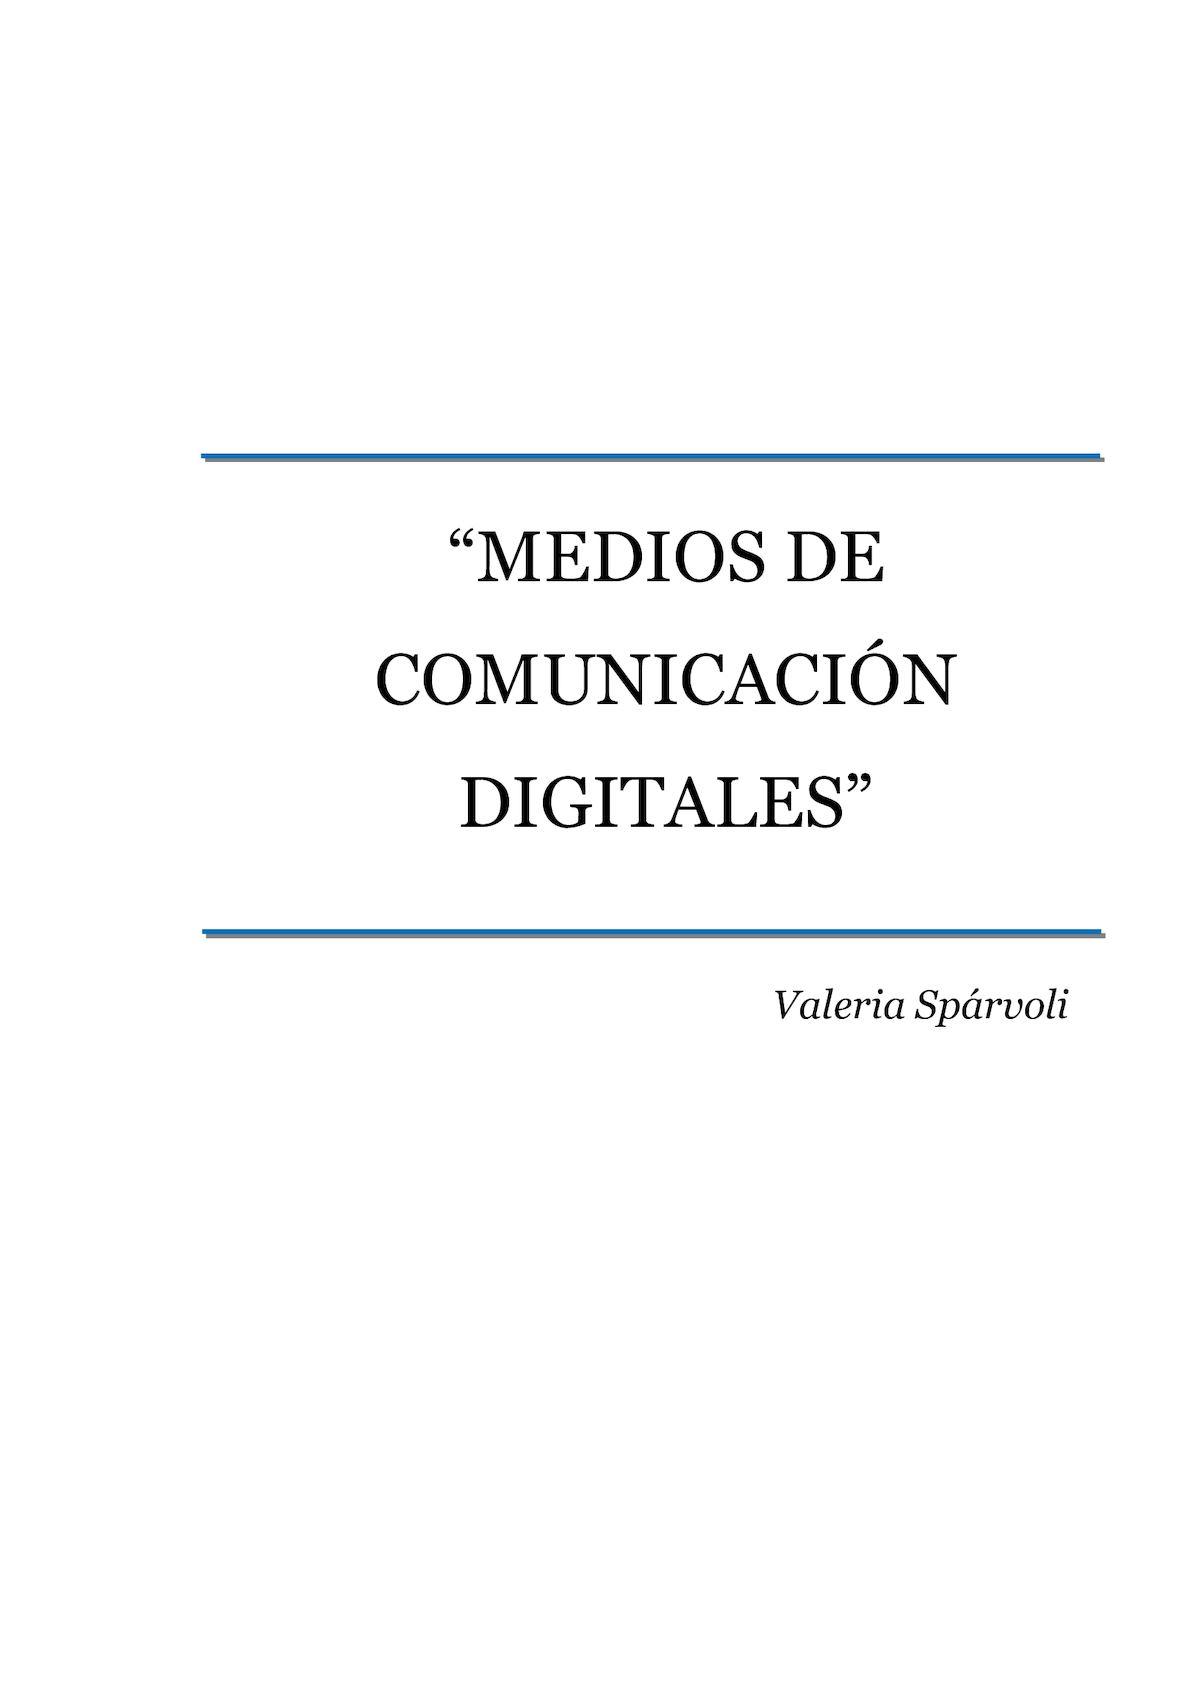 Calaméo - MONOGRAFÍA MEDIOS DE COMUNICACIÓN DIGITALES